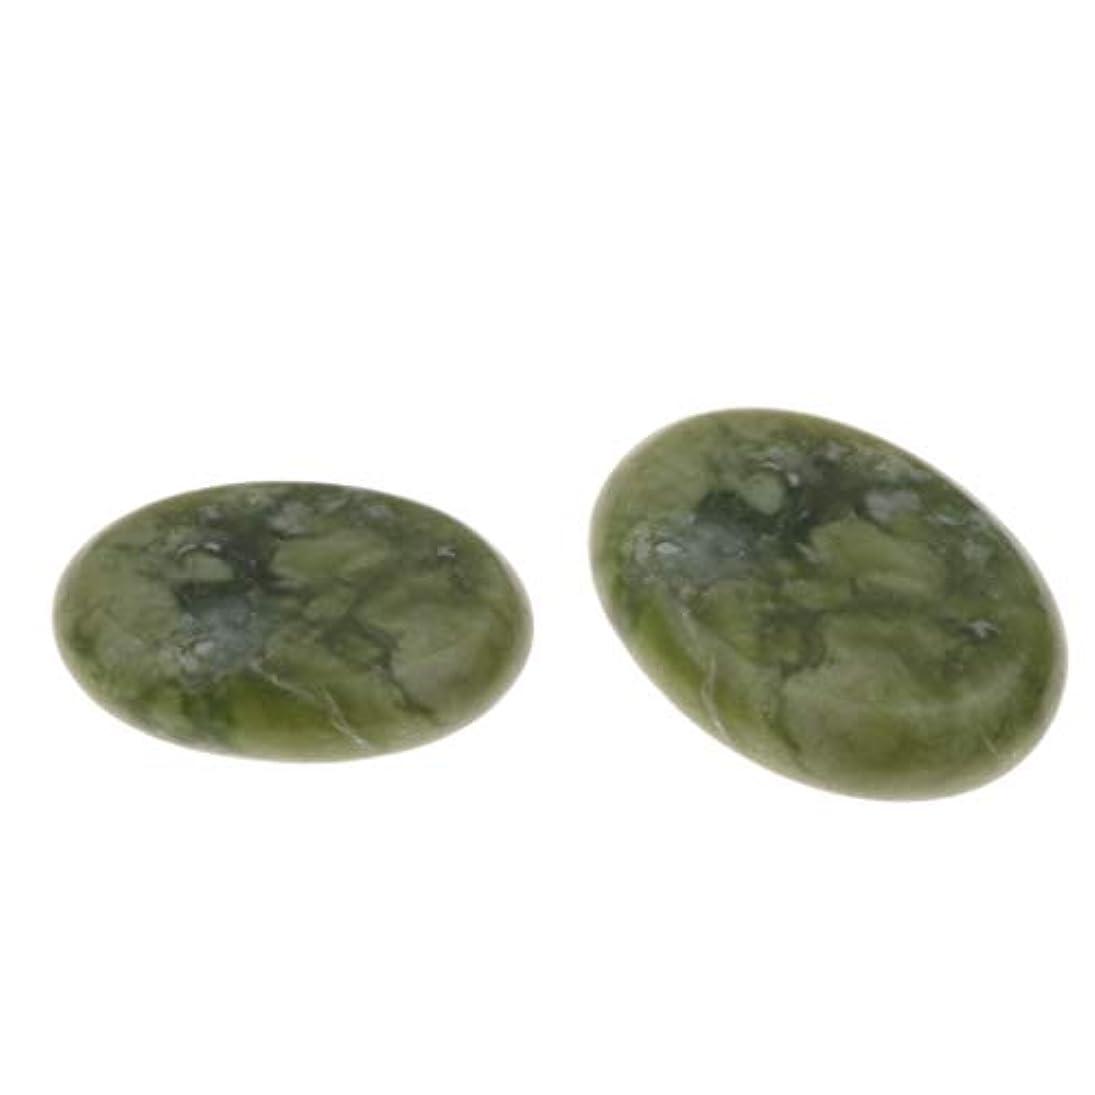 ダイエット絵文法chiwanji マッサージストーン 玉ホットマッサージ石用 6×8センチ 2ピース